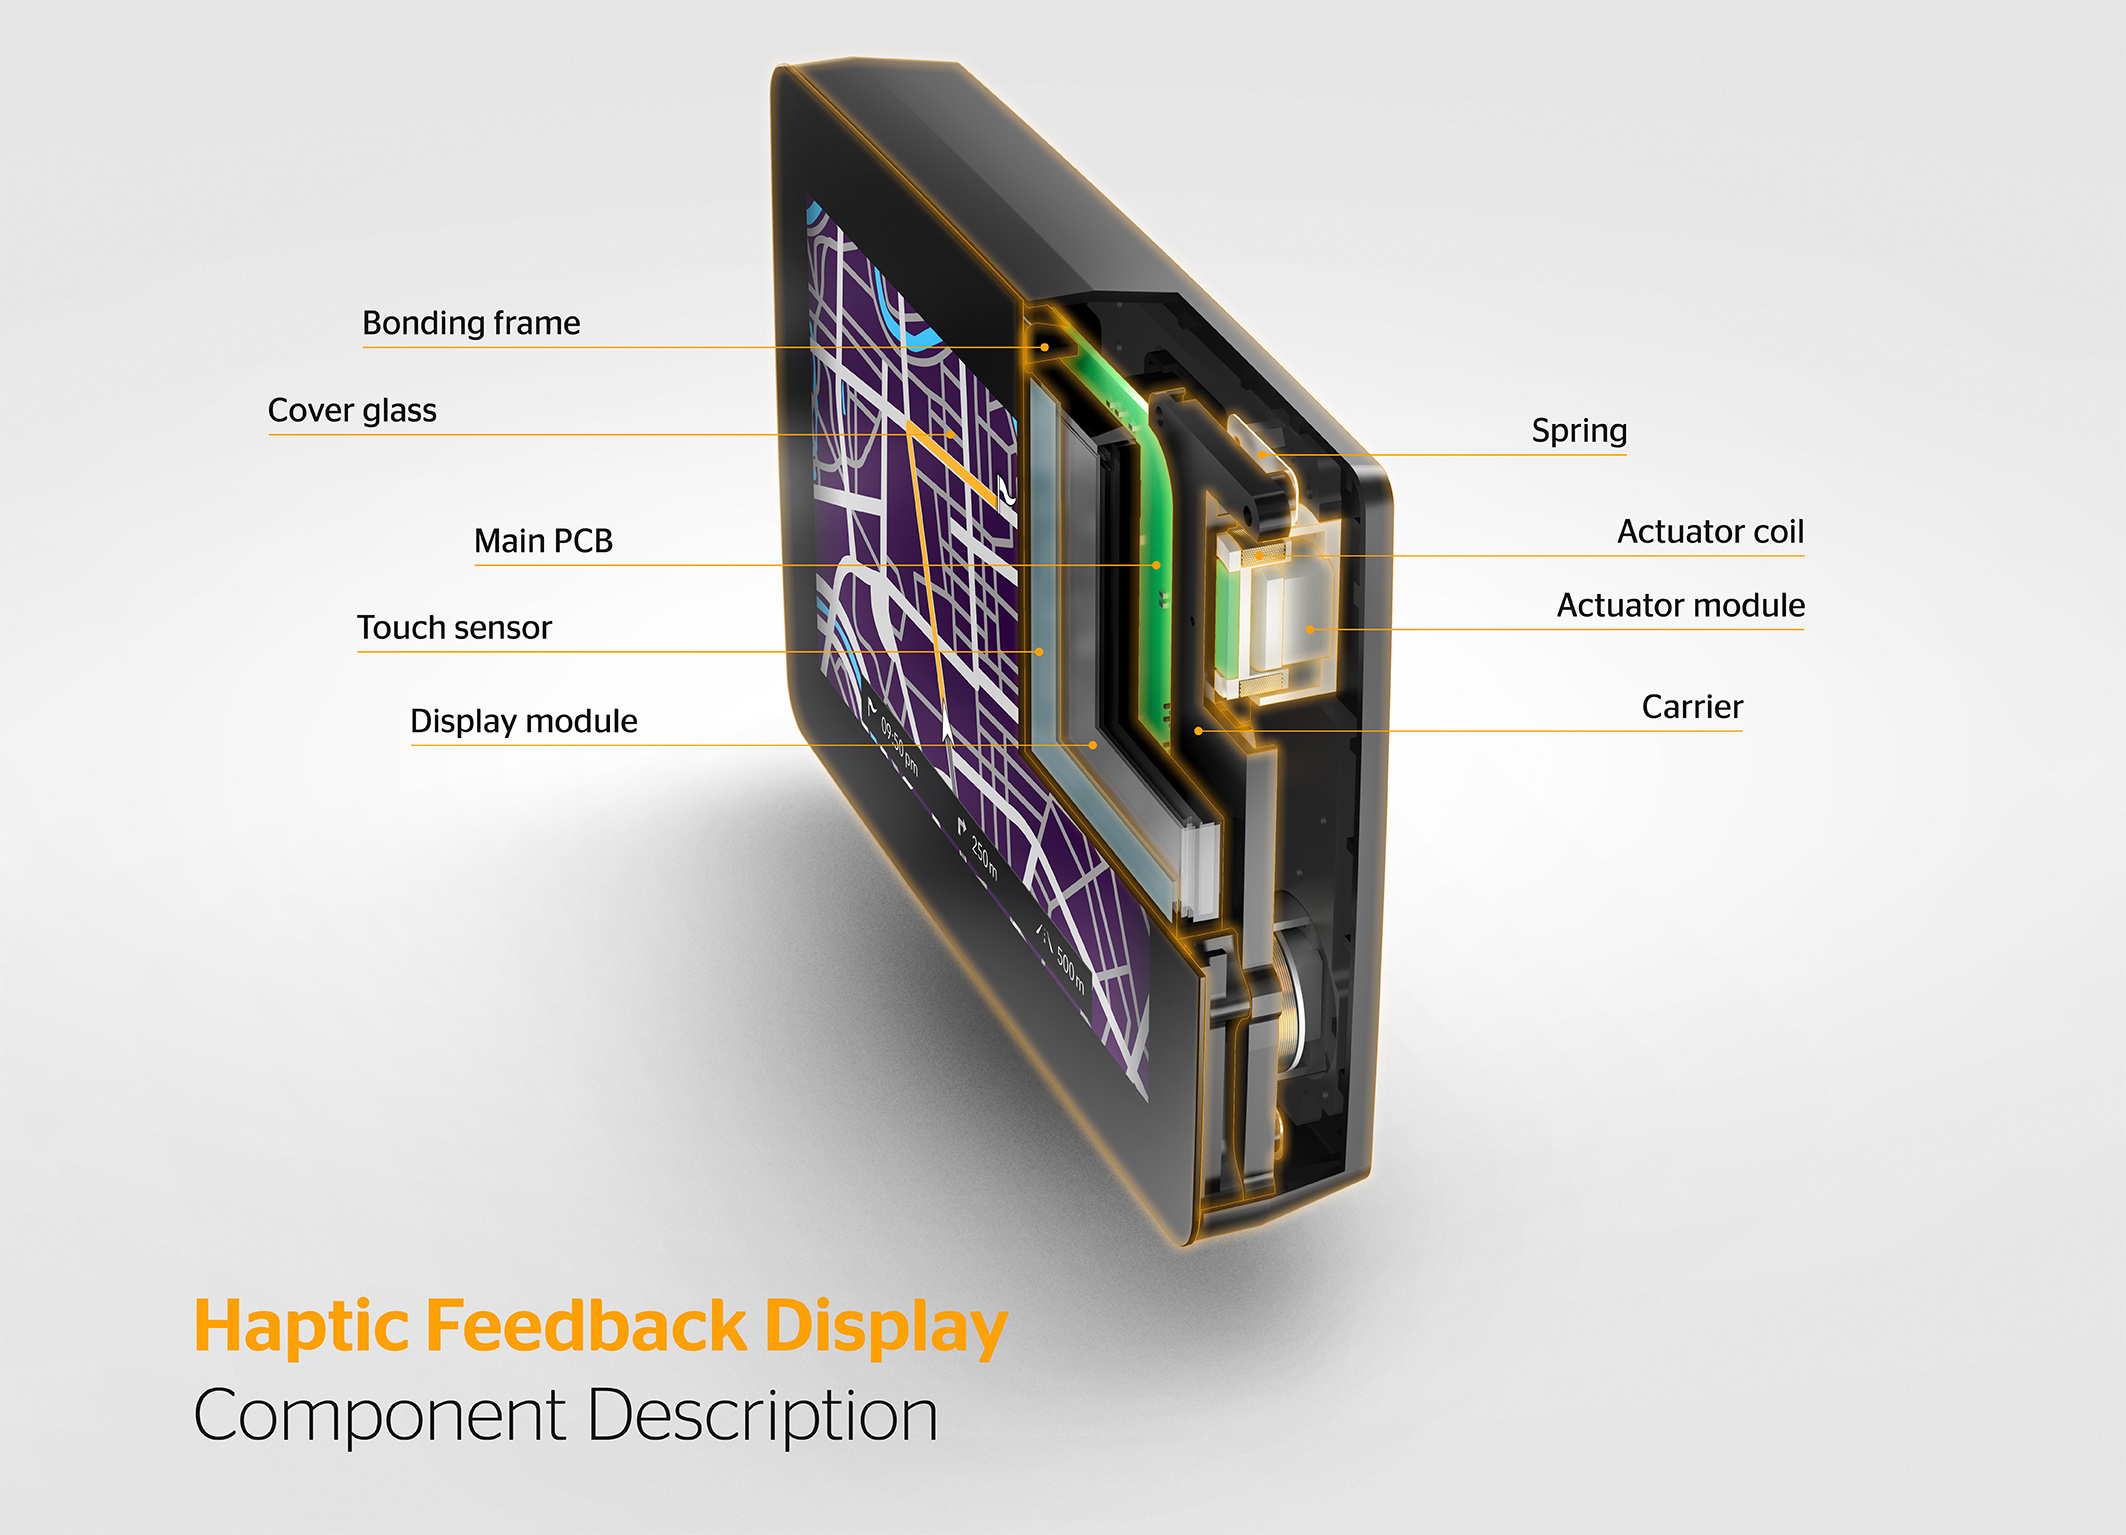 Haptic Feedback Display component description